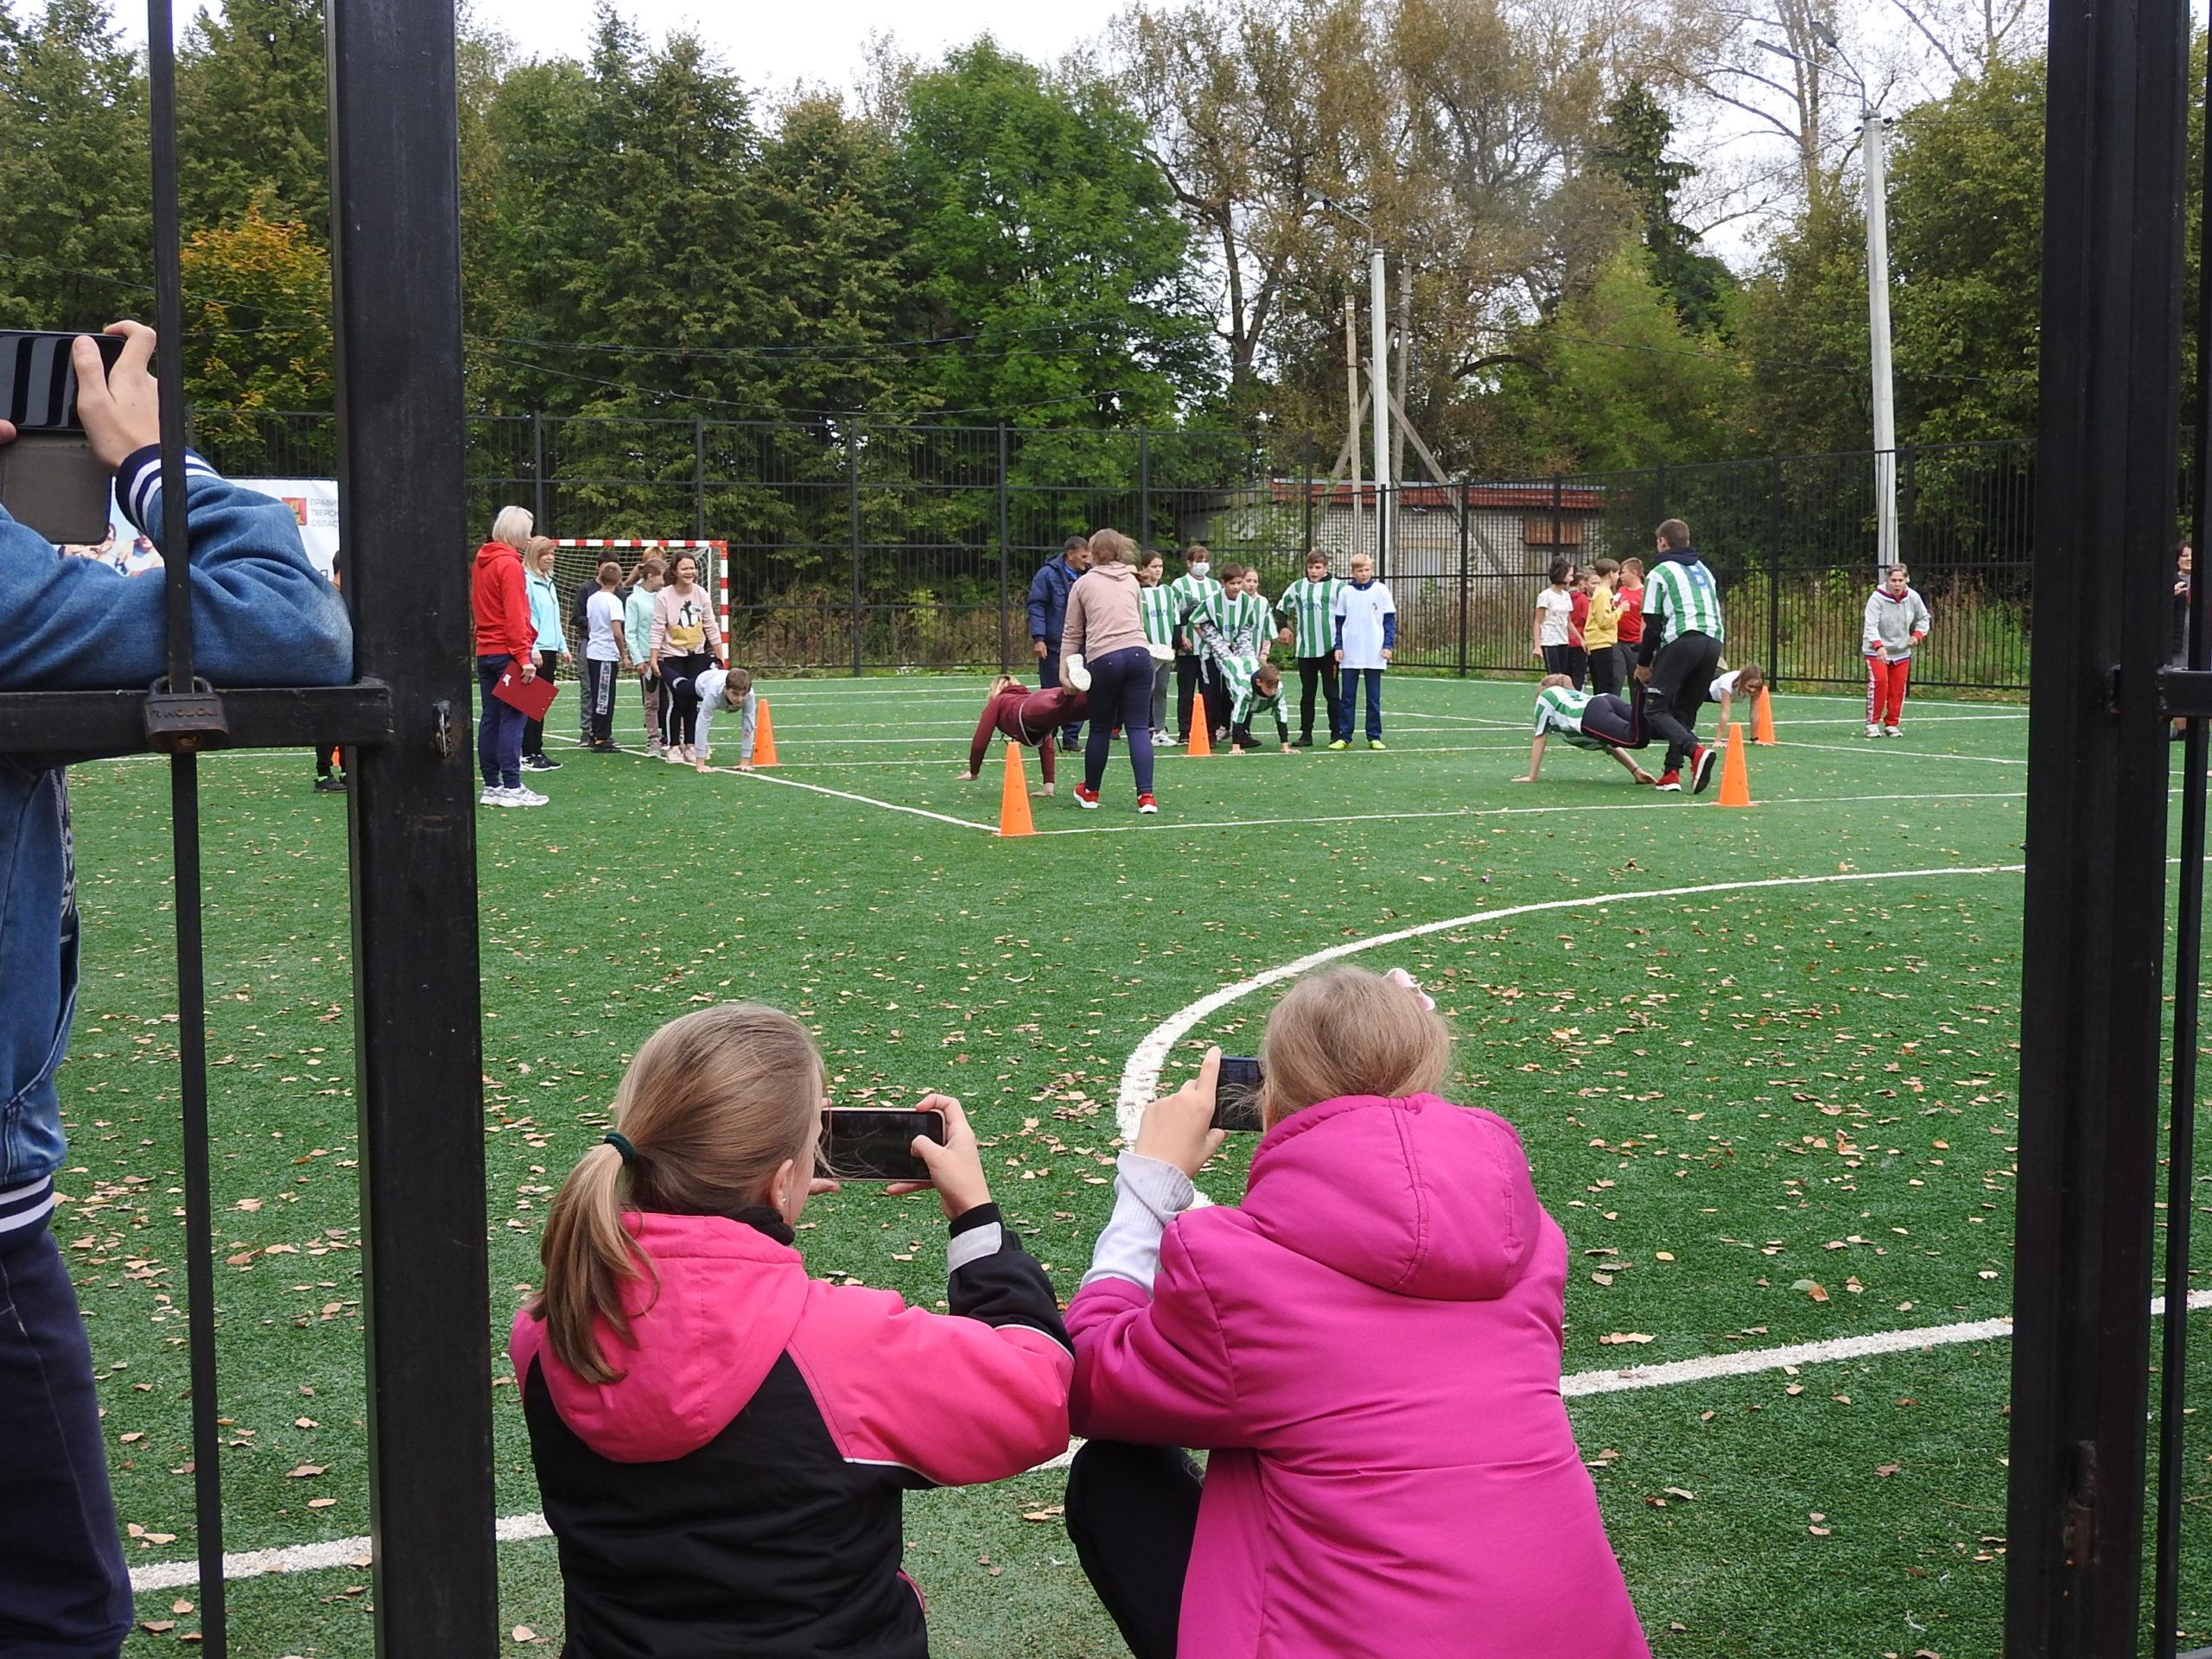 В Тверской области проходят встречи детей и молодежи со знаменитыми российскими спортсменами